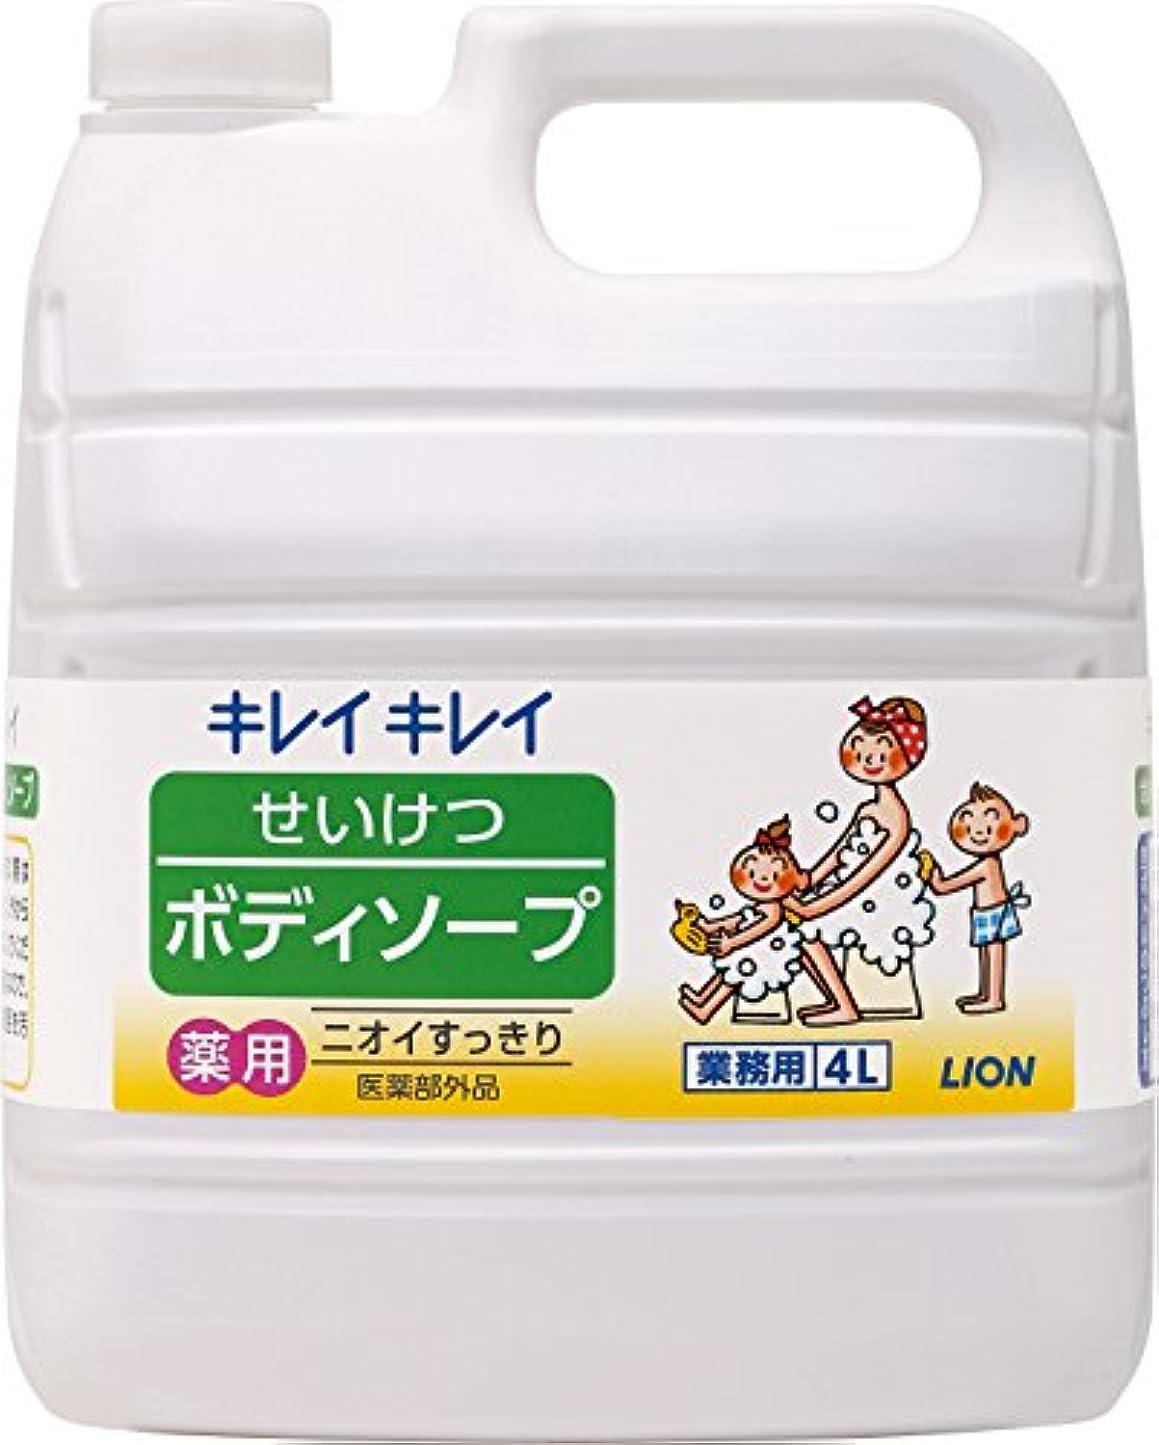 シェル住居名目上の【業務用 大容量】キレイキレイ せいけつボディソープ さわやかなレモン&オレンジの香り 4L(医薬部外品)